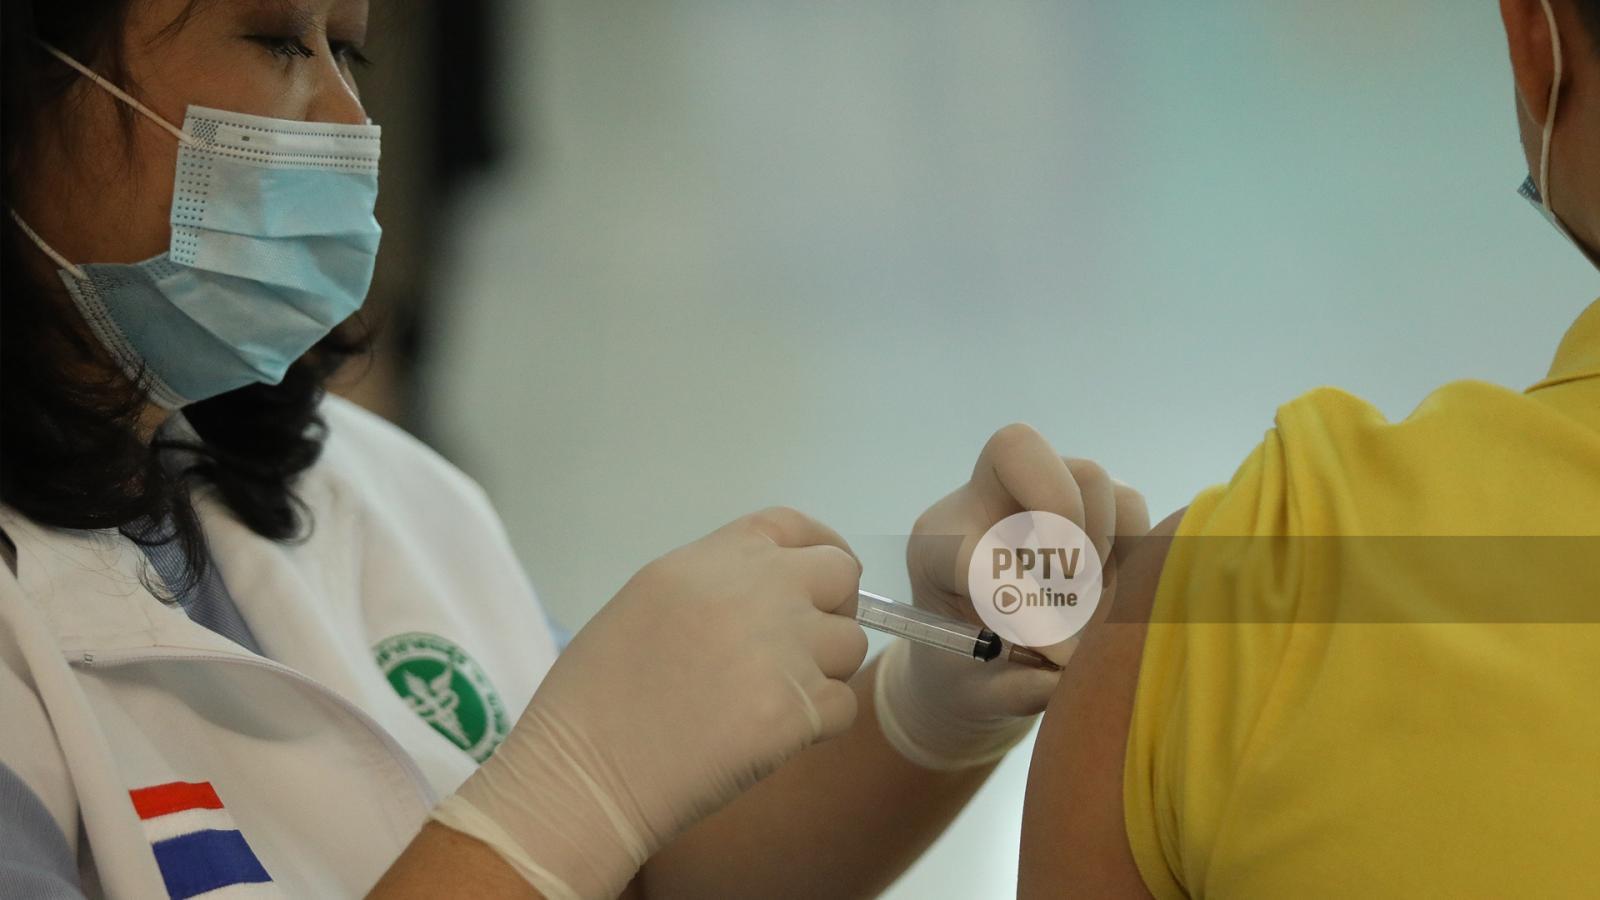 ศรีธัญญา เปิดฉีดวัคซีนผู้ป่วยจิตเวชพร้อมผู้ดูแล 400 คนต่อวัน